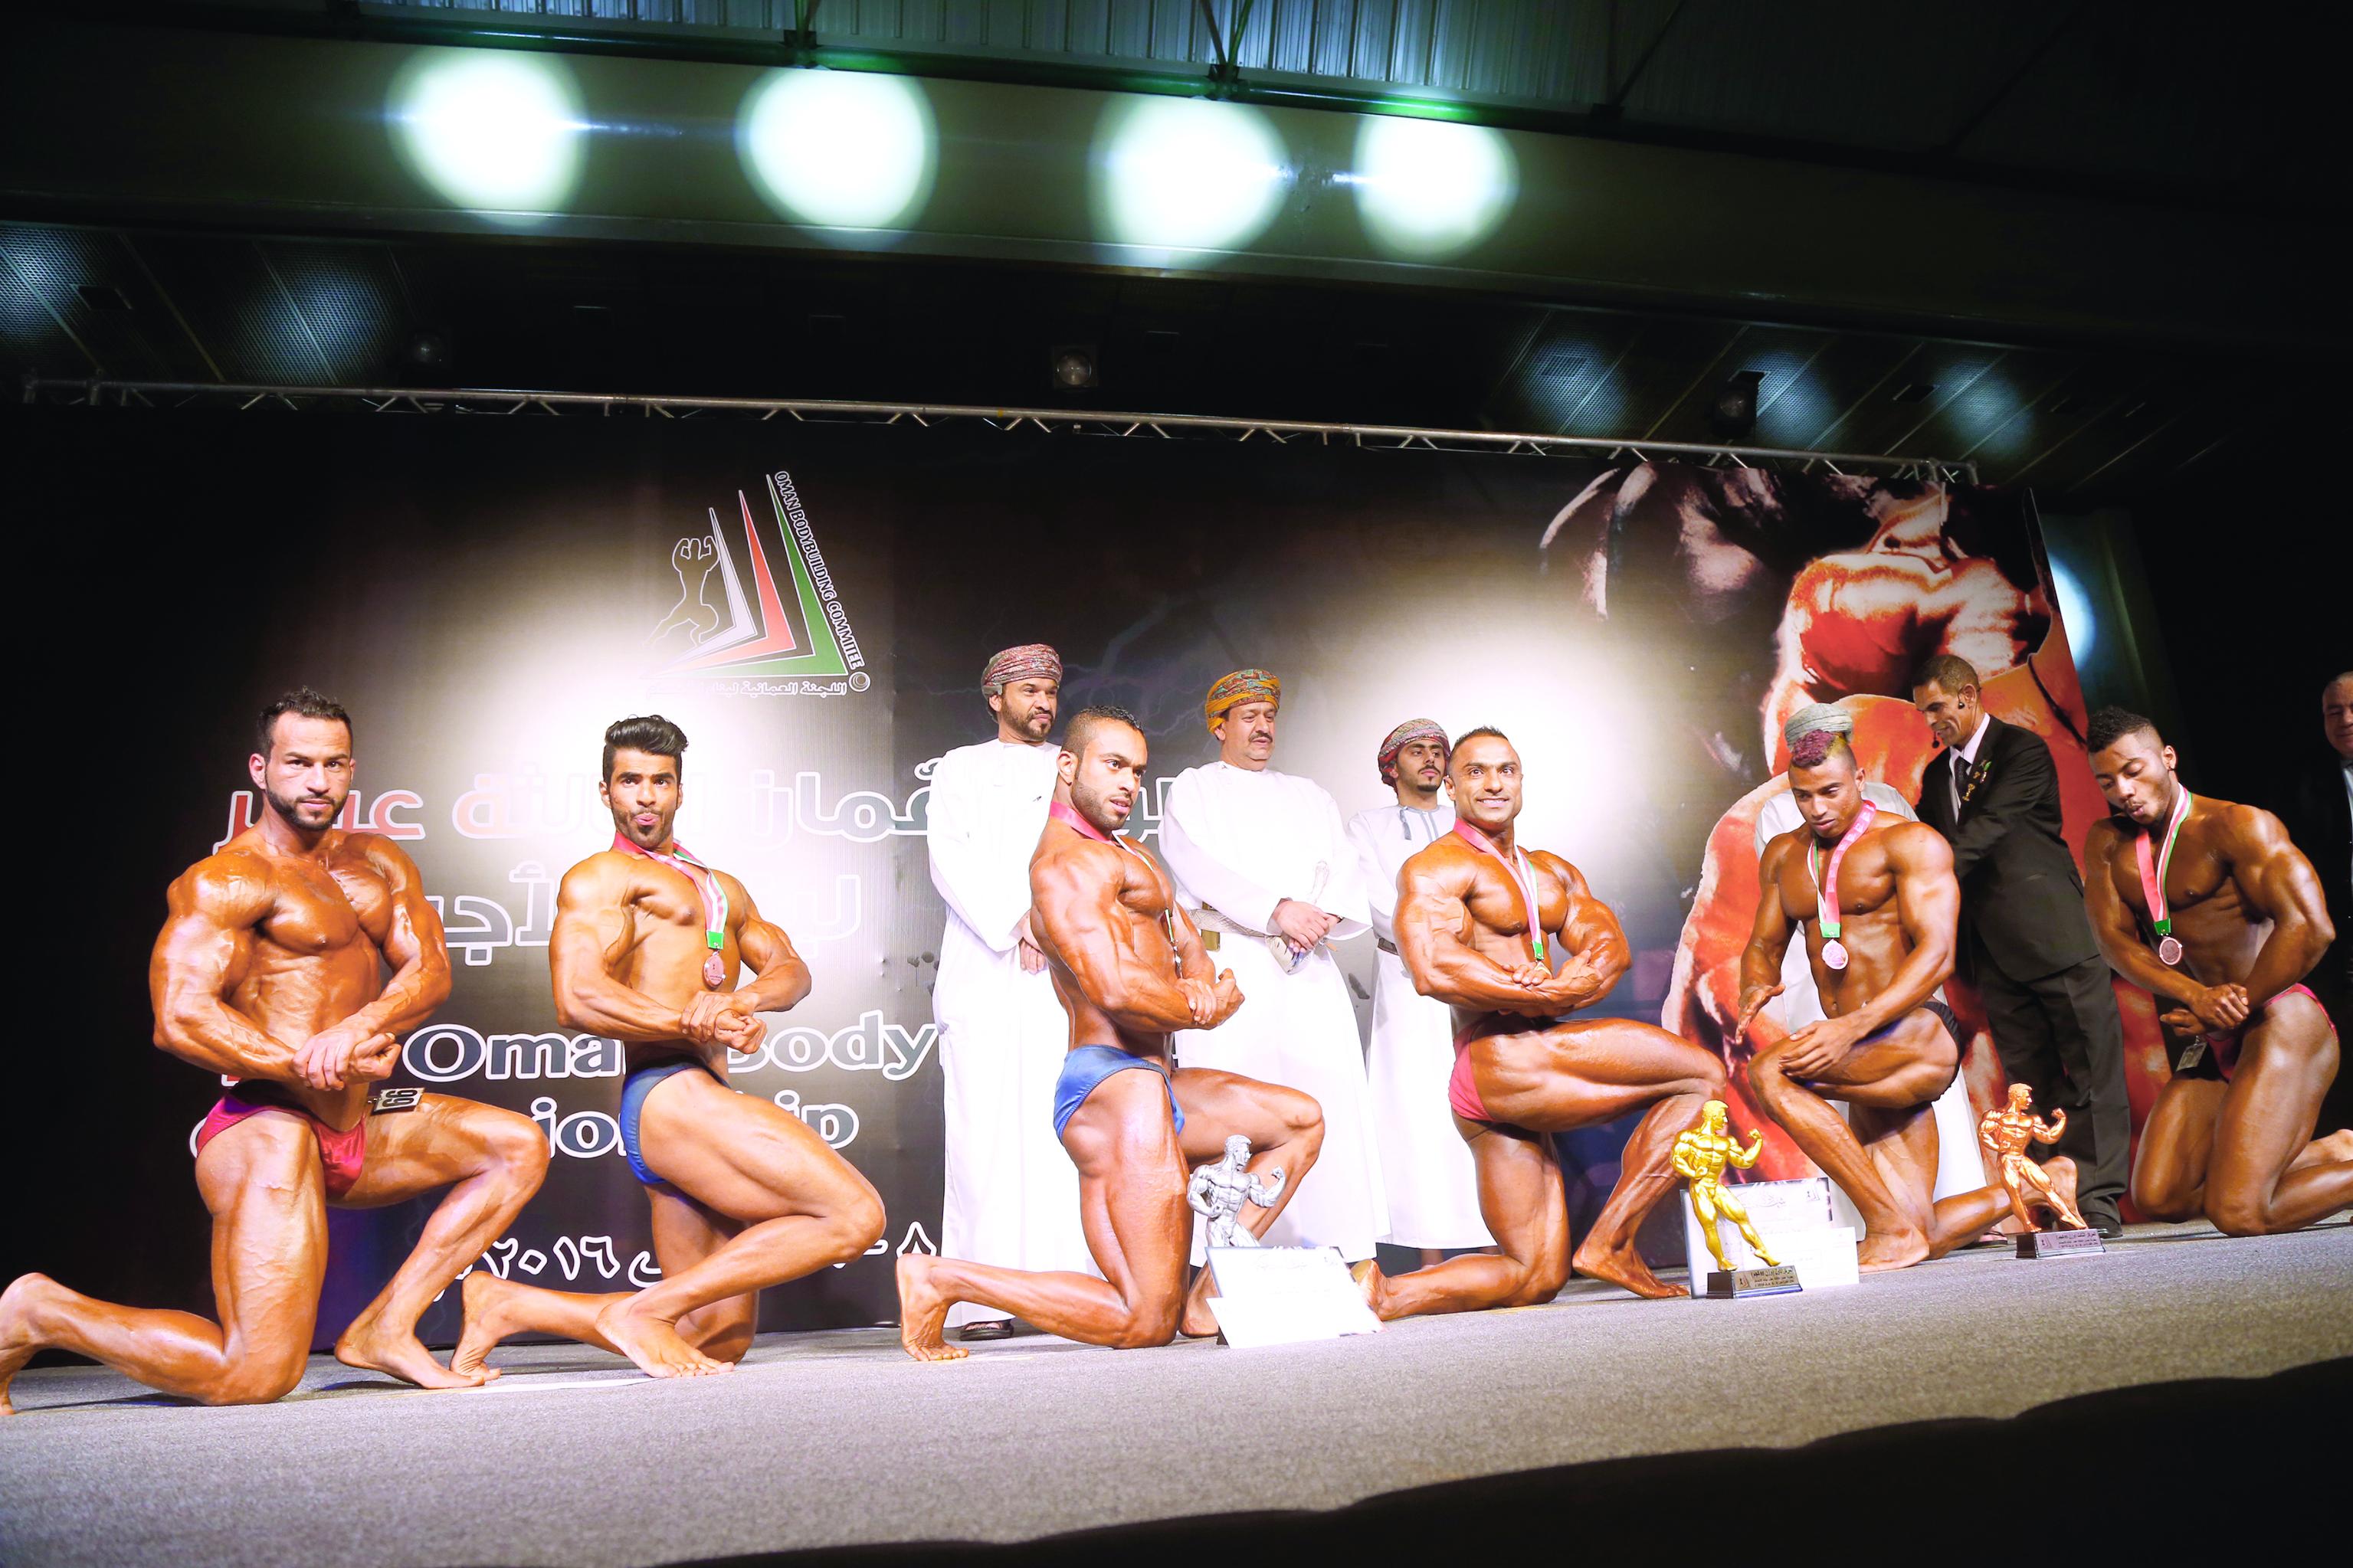 مدرب بناء الأجسام محـمـــد الزدجـالــي :حققنا بطولة «مستر أولمبيا» وهــدفنا ذهـبية بطـولة العالـم